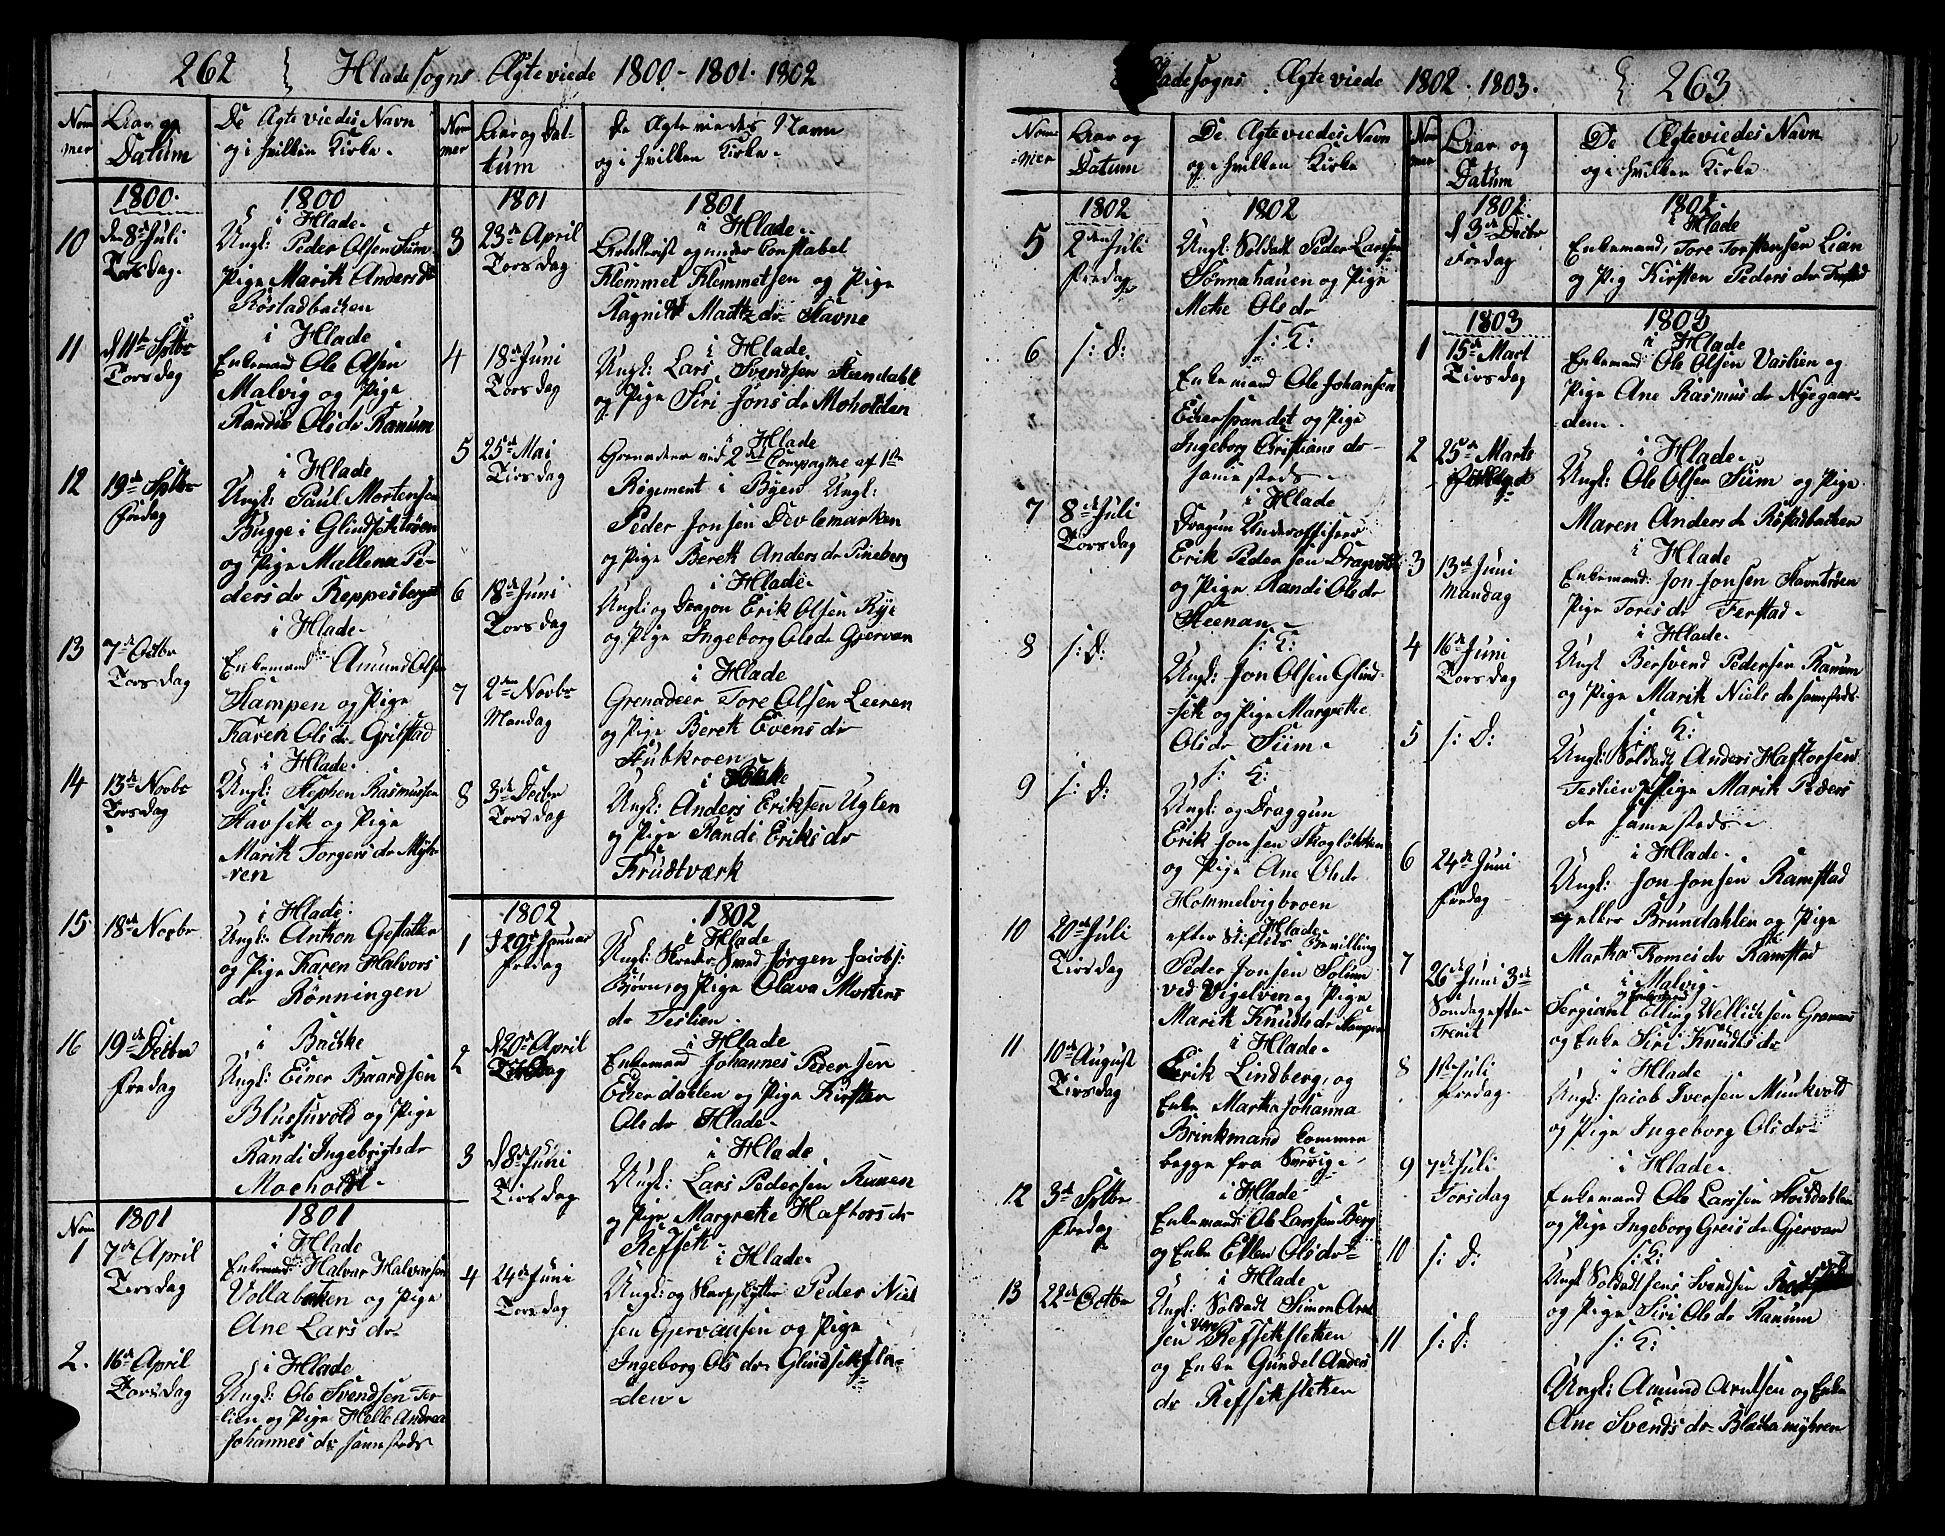 SAT, Ministerialprotokoller, klokkerbøker og fødselsregistre - Sør-Trøndelag, 606/L0306: Klokkerbok nr. 606C02, 1797-1829, s. 262-263